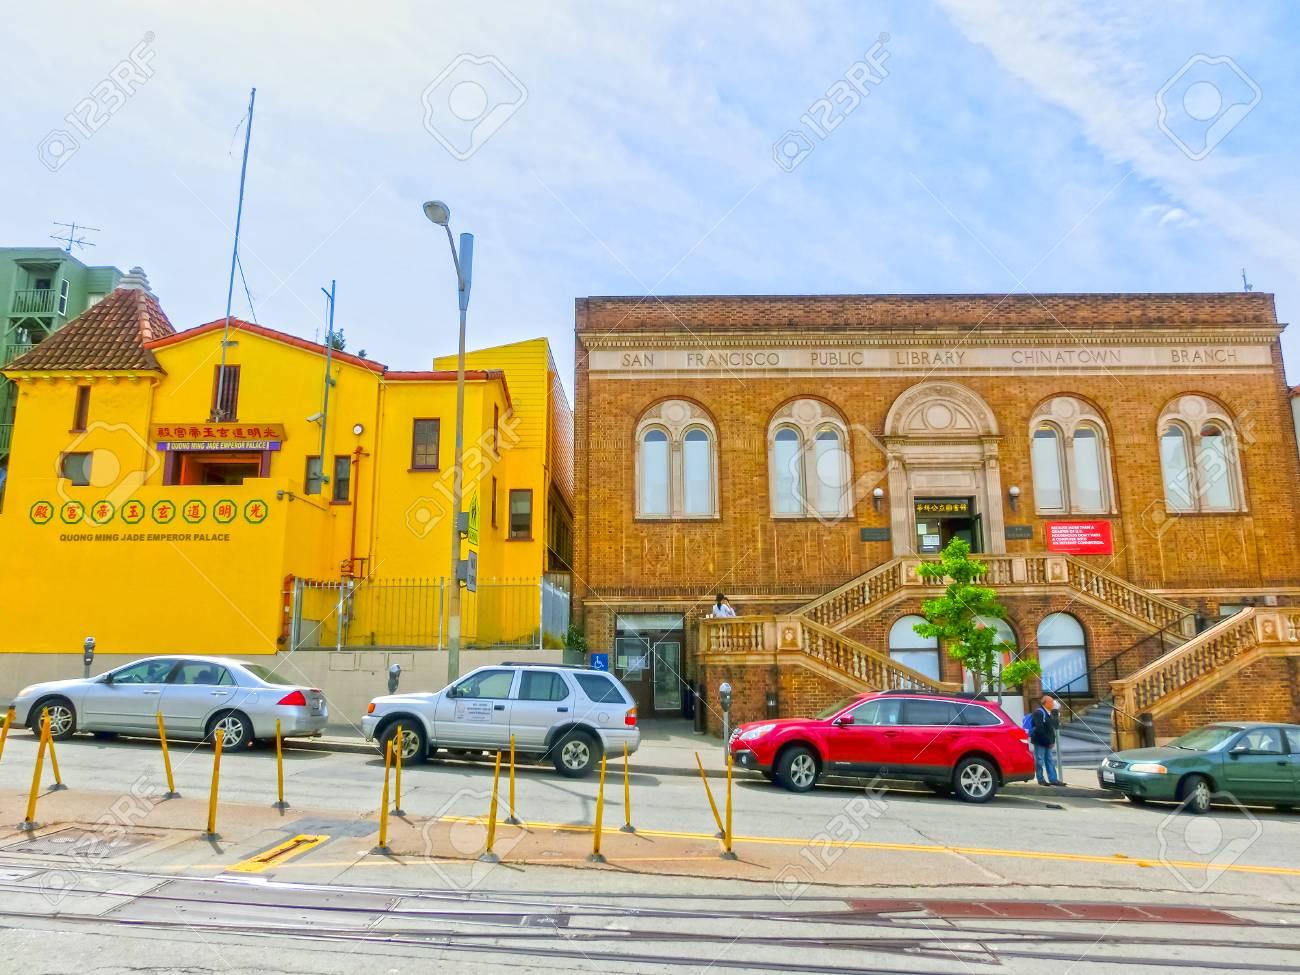 4 Viejos san francisco, california, estados unidos de américa - 4 de mayo de 2016:  los viejos edificios típicos en san francisco, los eeuu